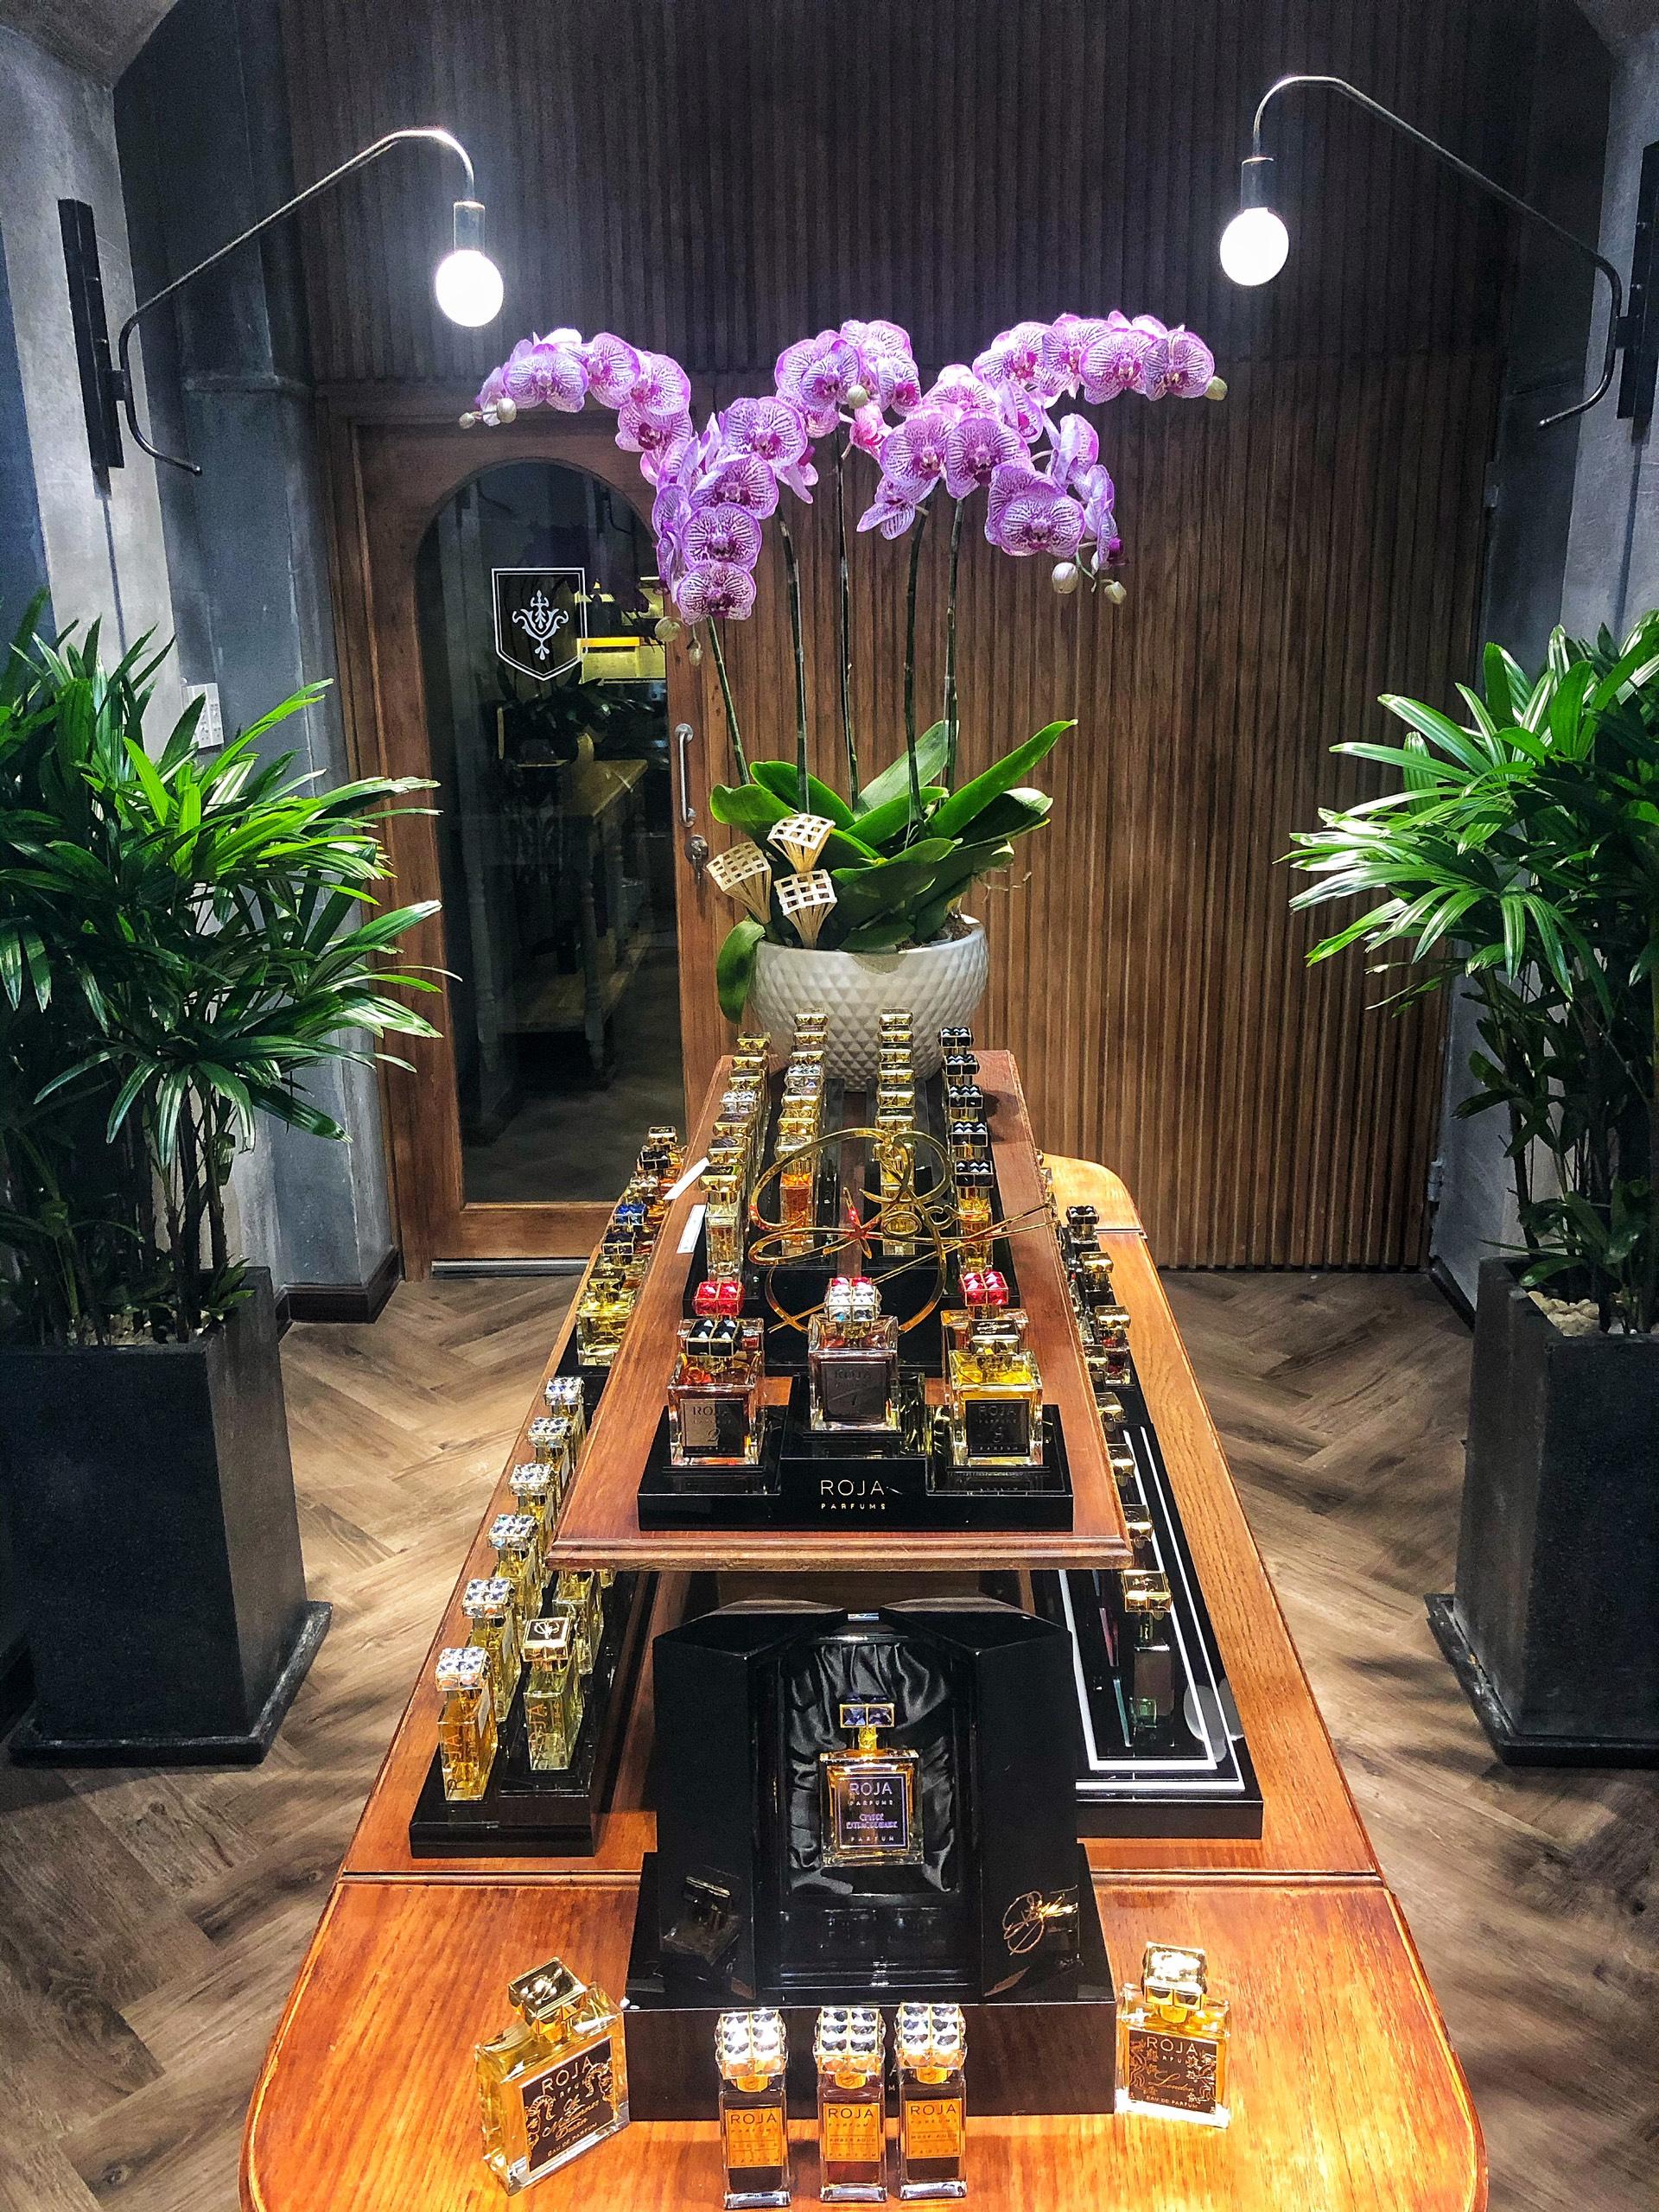 viinriic niche perfume bên trong cửa hàng